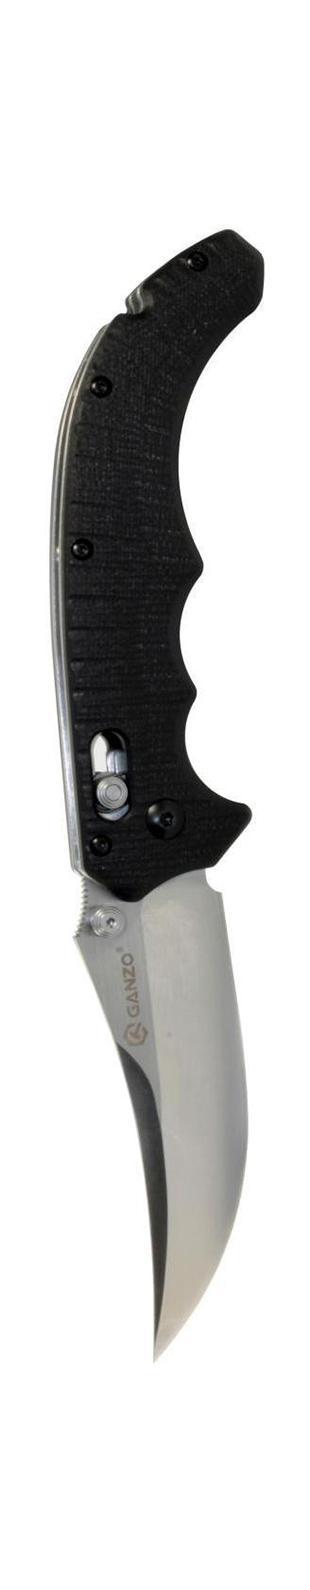 Нож туристический Ganzo, складной. G7126900000429297Складной нож Ganzo G712 всегда найдет себе применение на даче или в гараже, на рыбалке или охоте. Малые габариты делают его удобным при частой транспортировке. Лезвие выполнено из высококачественной нержавеющей стали.